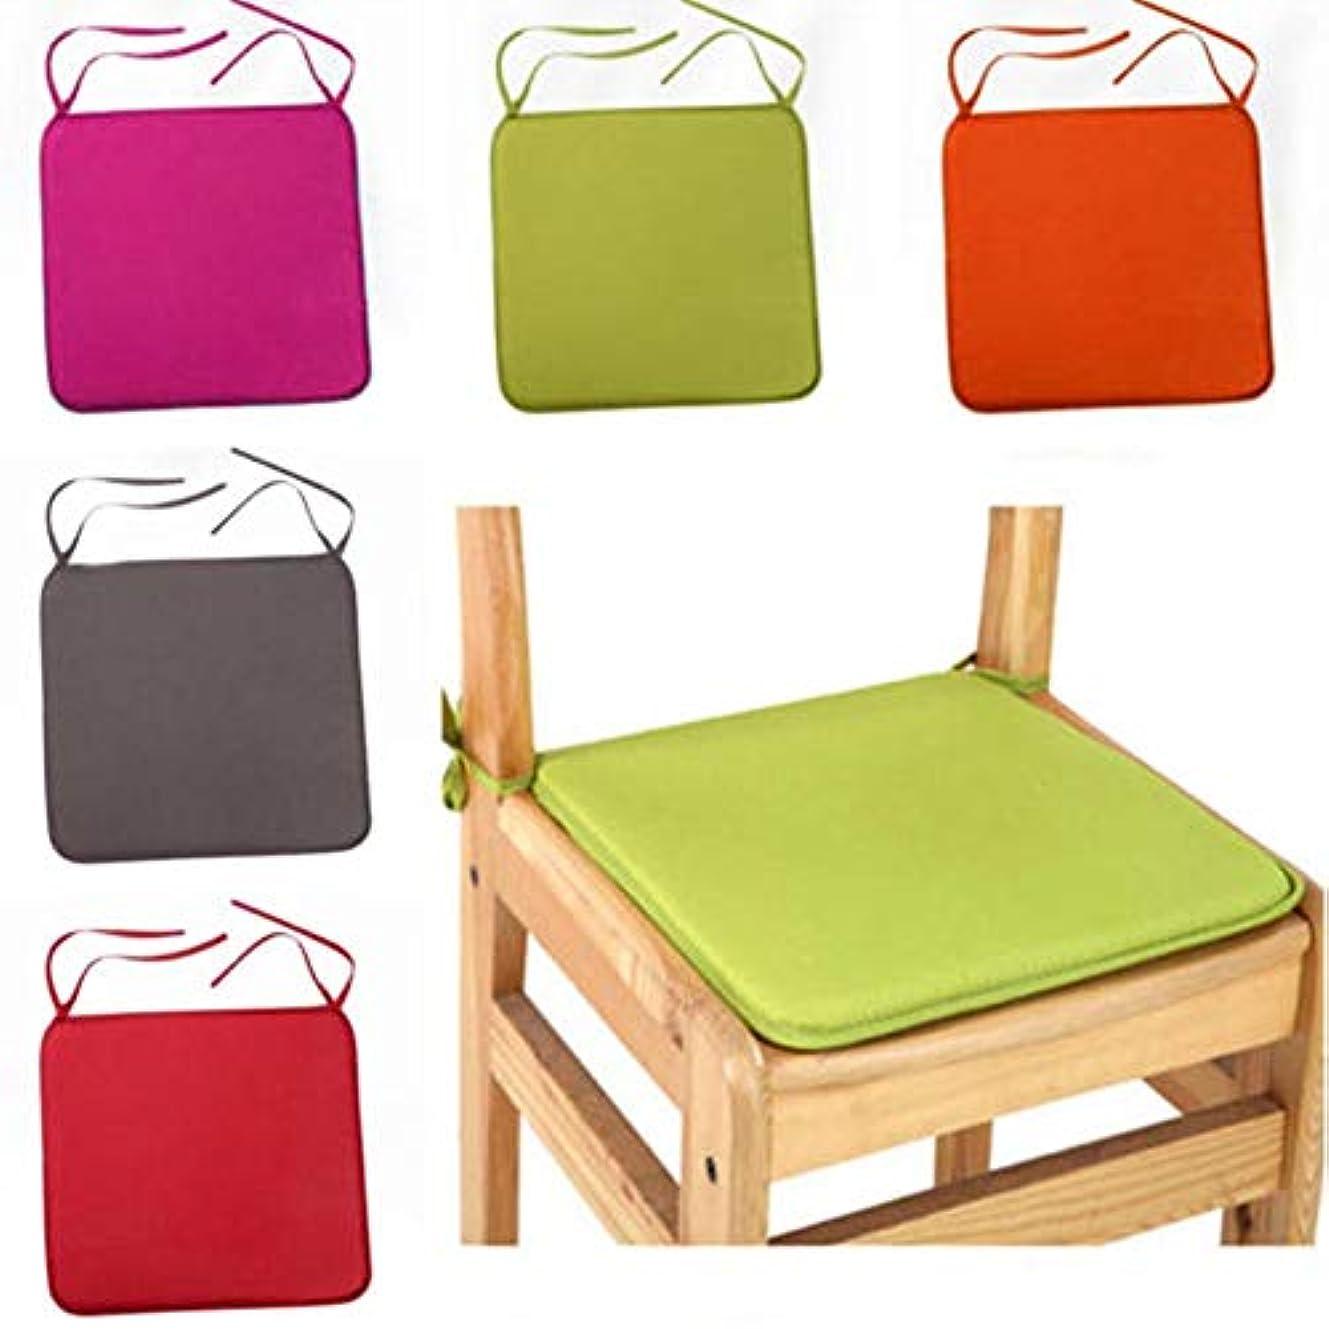 軌道艶カードLIFE 40 × 40 センチメートルの椅子のクッションシートダイニング椅子屋外屋内キッチンスクエアソフトネクタイ椅子パッドホーム装飾 クッション 椅子